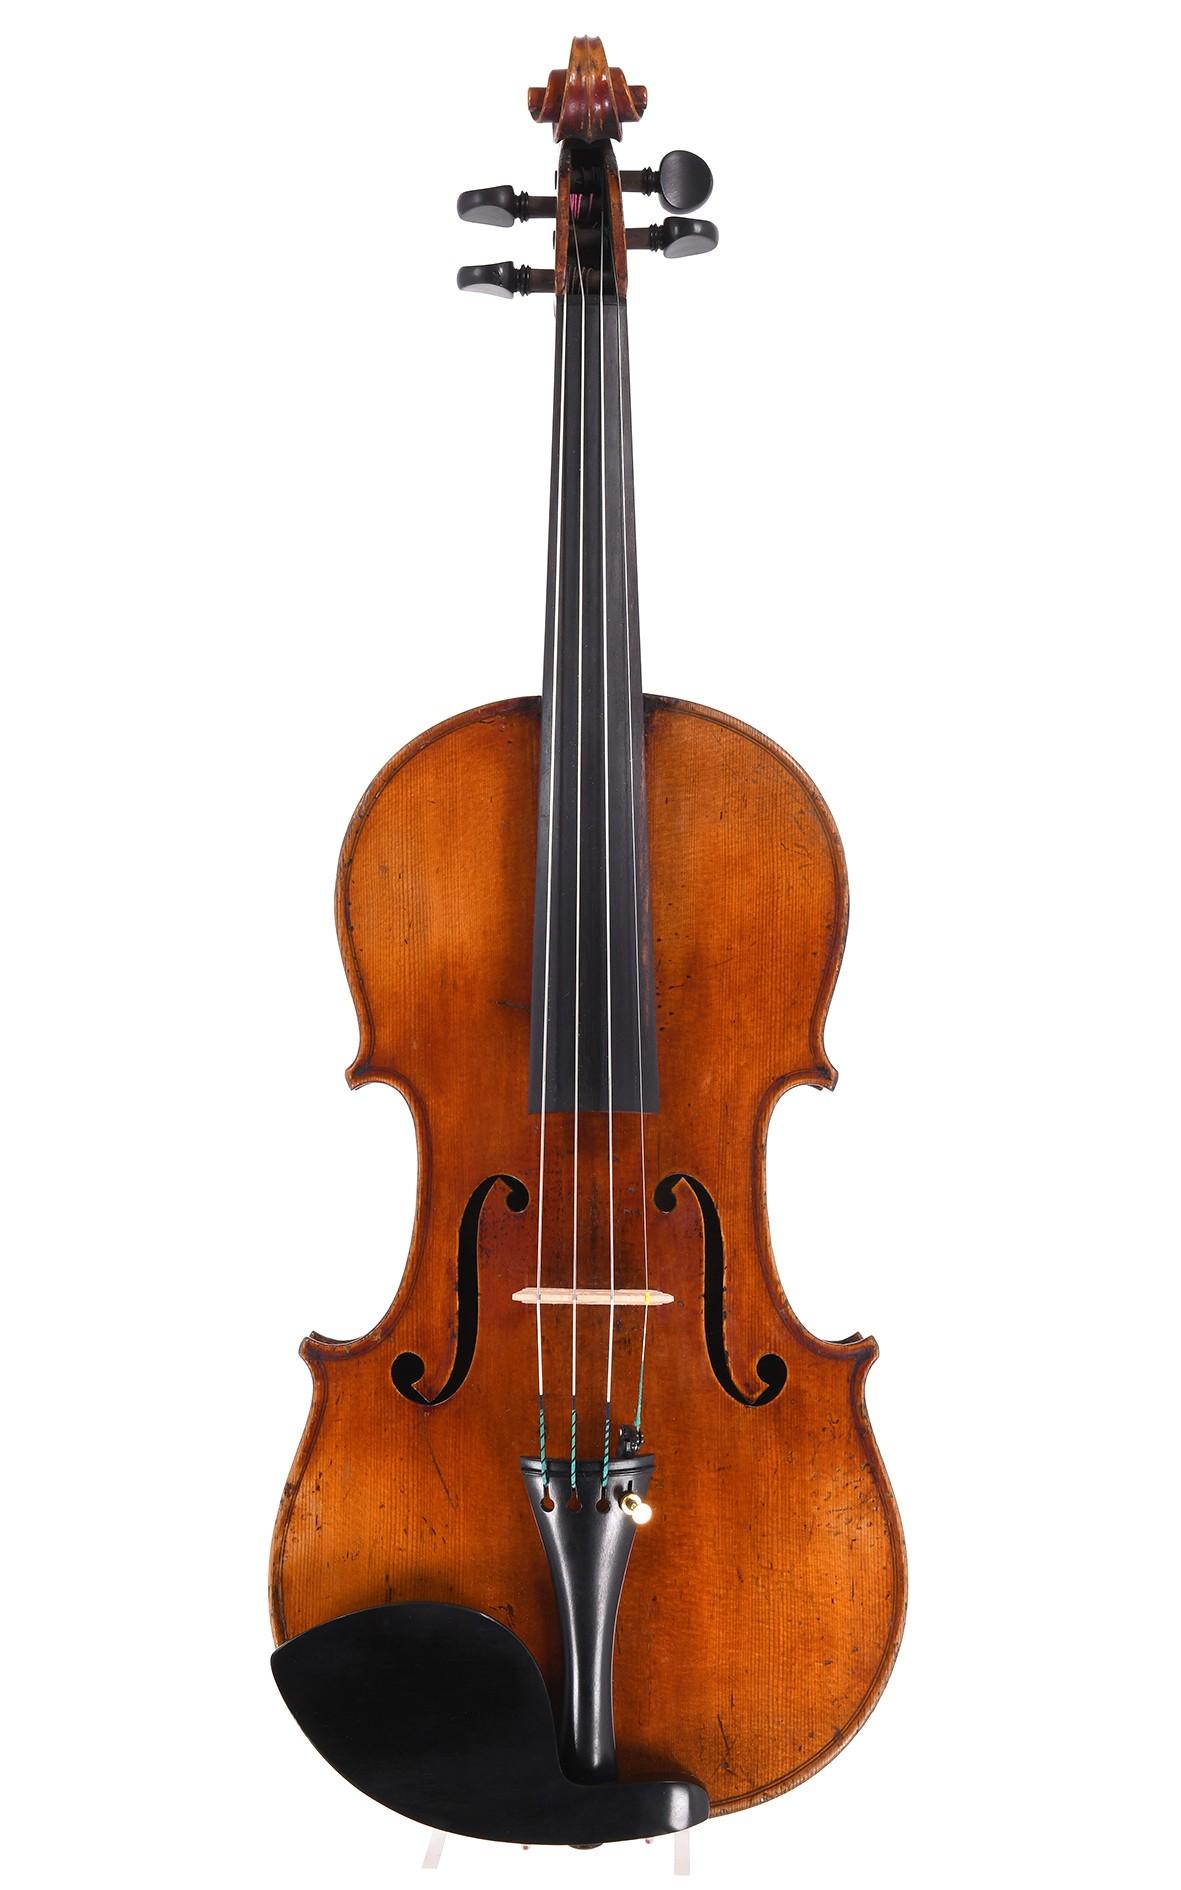 Joseph Garaboeuf alias Lacombe-Vigneron, französische Violine aus dem Jahr 1858